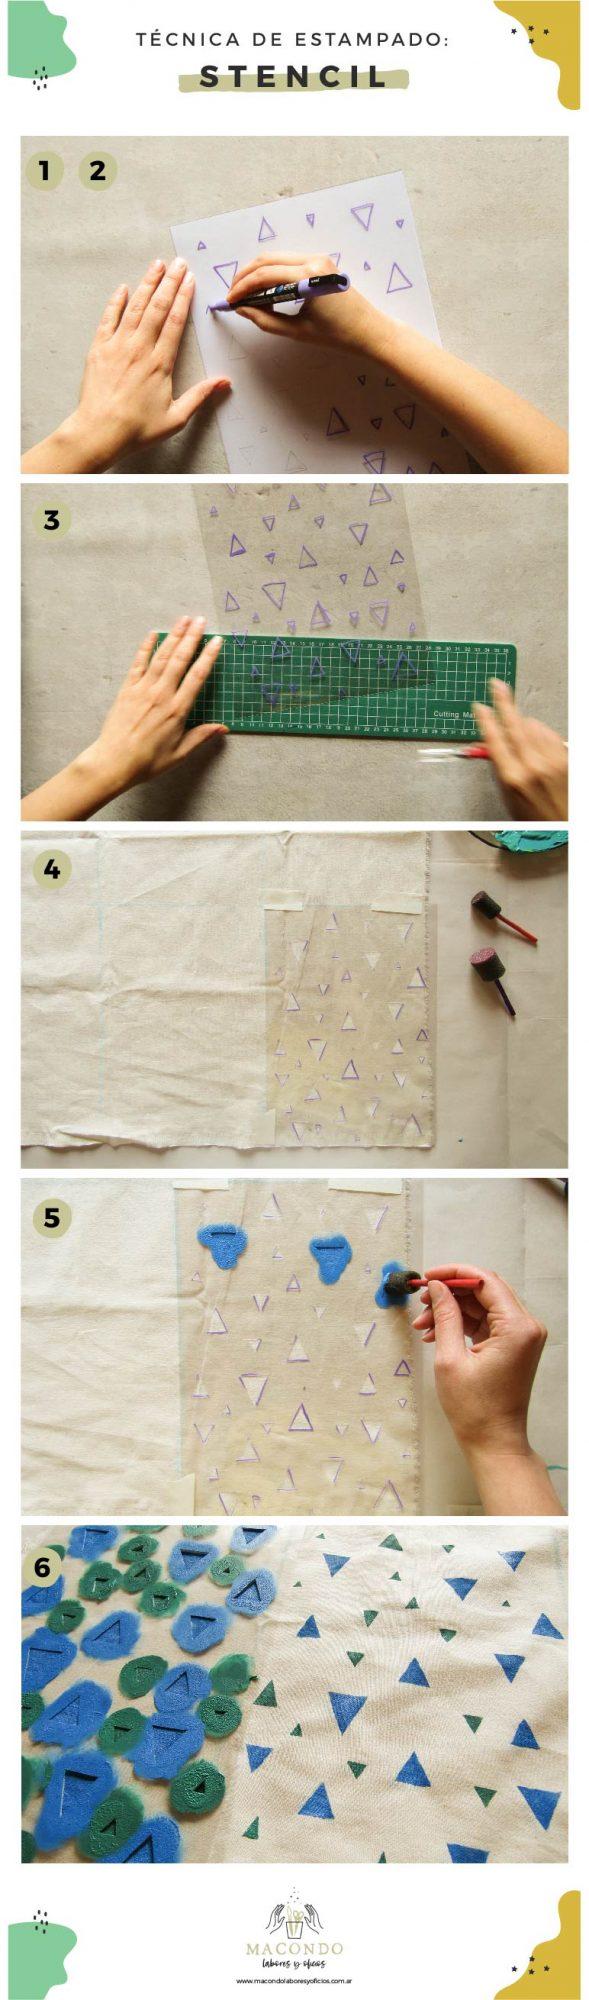 Estampado de telas de algodón con stencil (paso a paso)